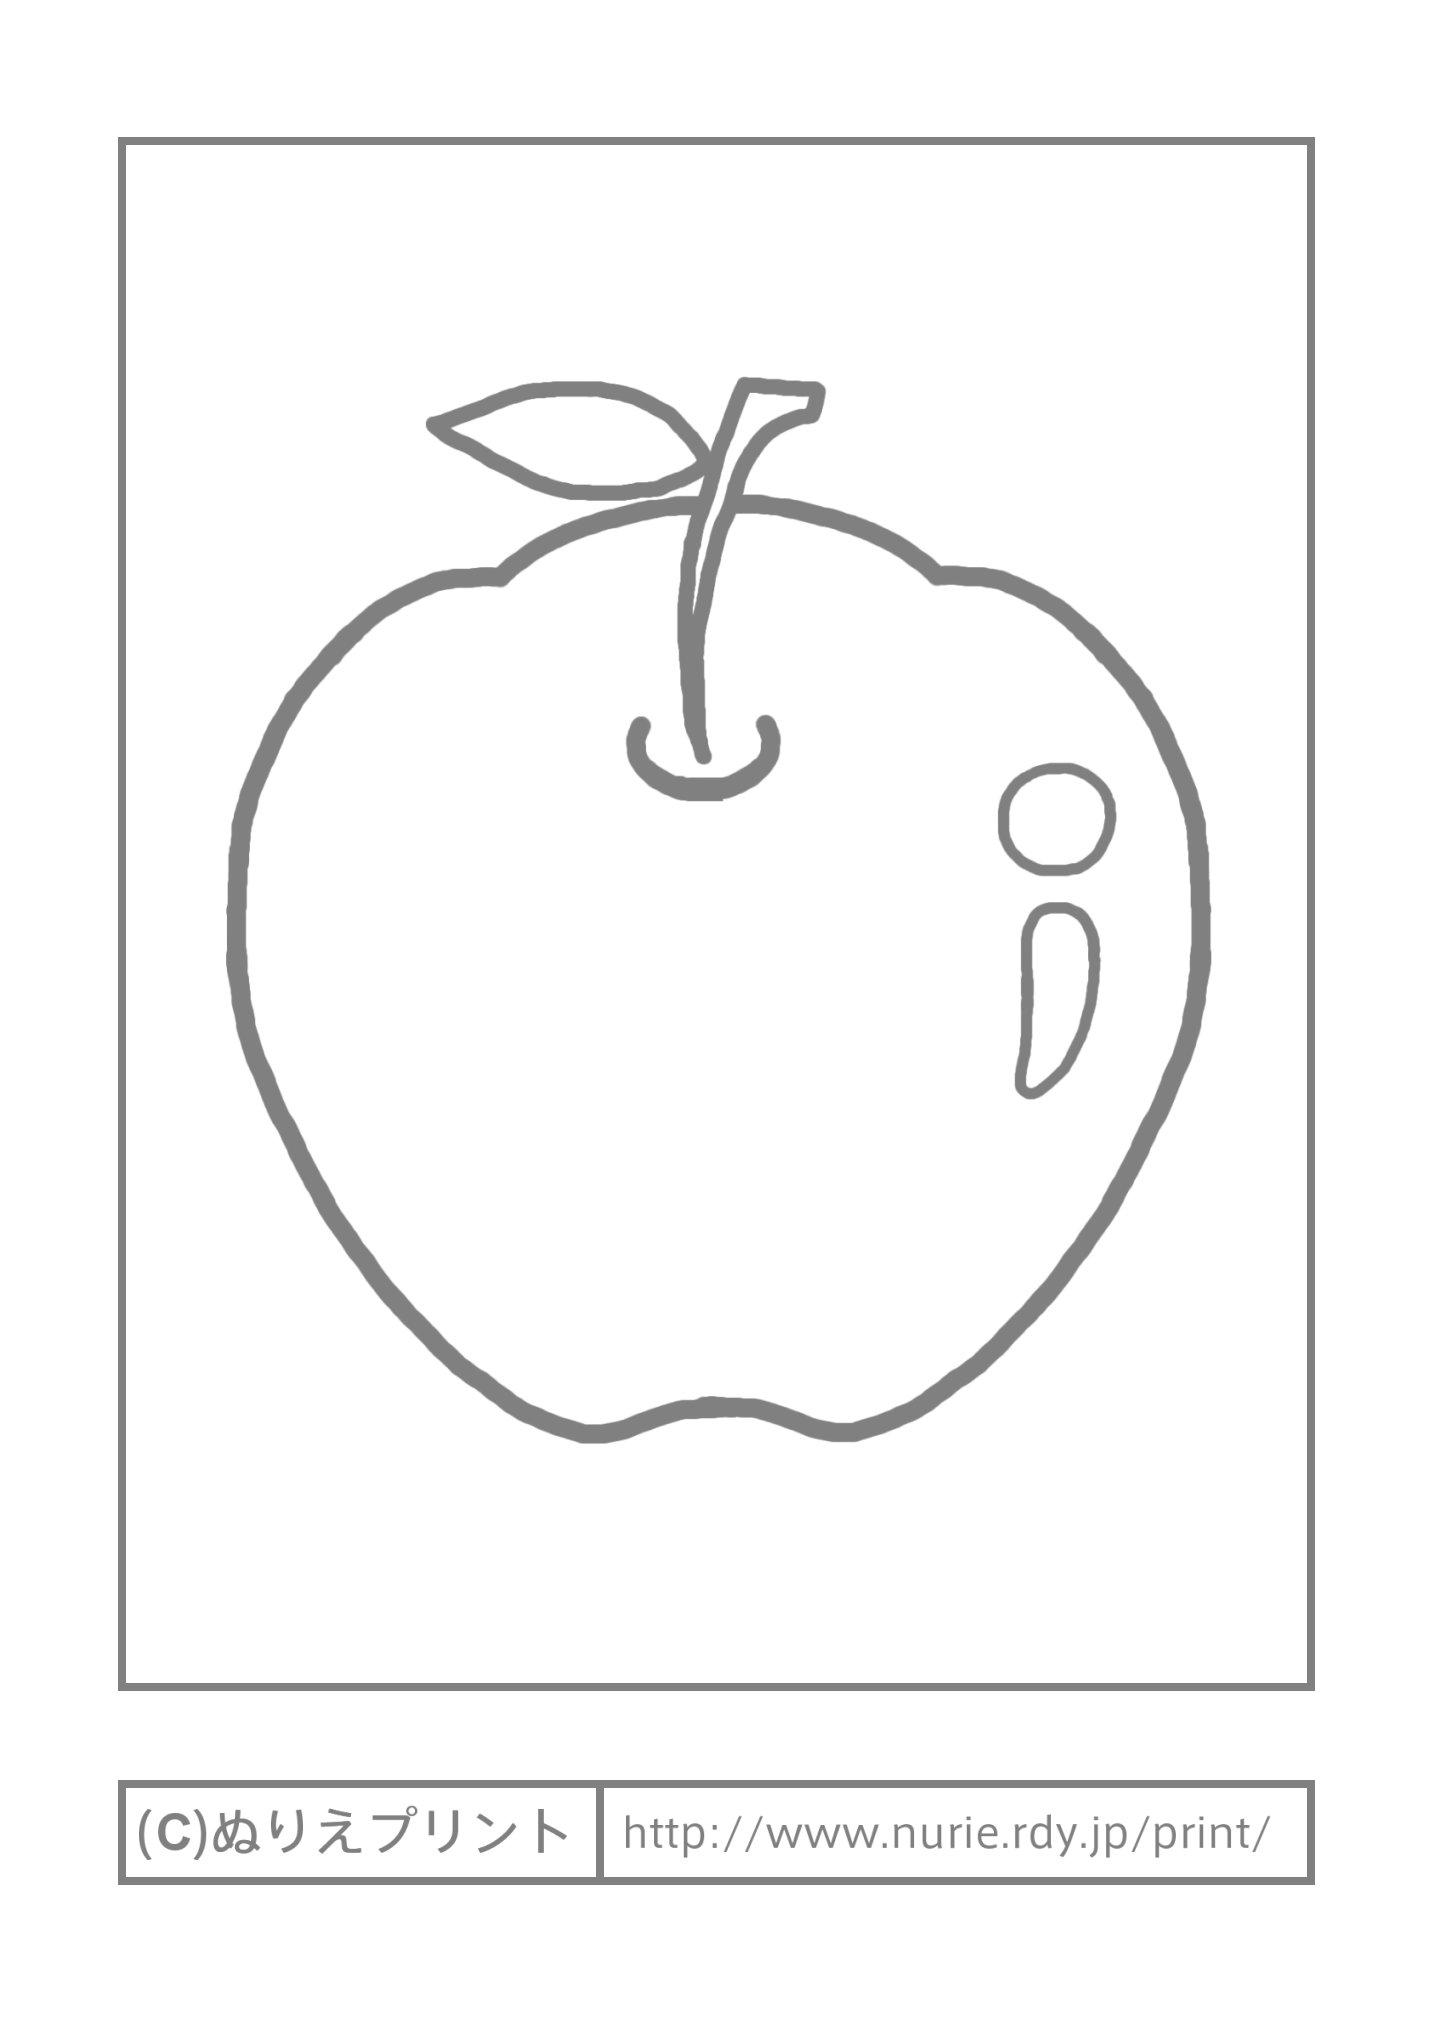 りんご・リンゴ(主線・グレー ... : 塗り絵 ダウンロード 無料 : 無料